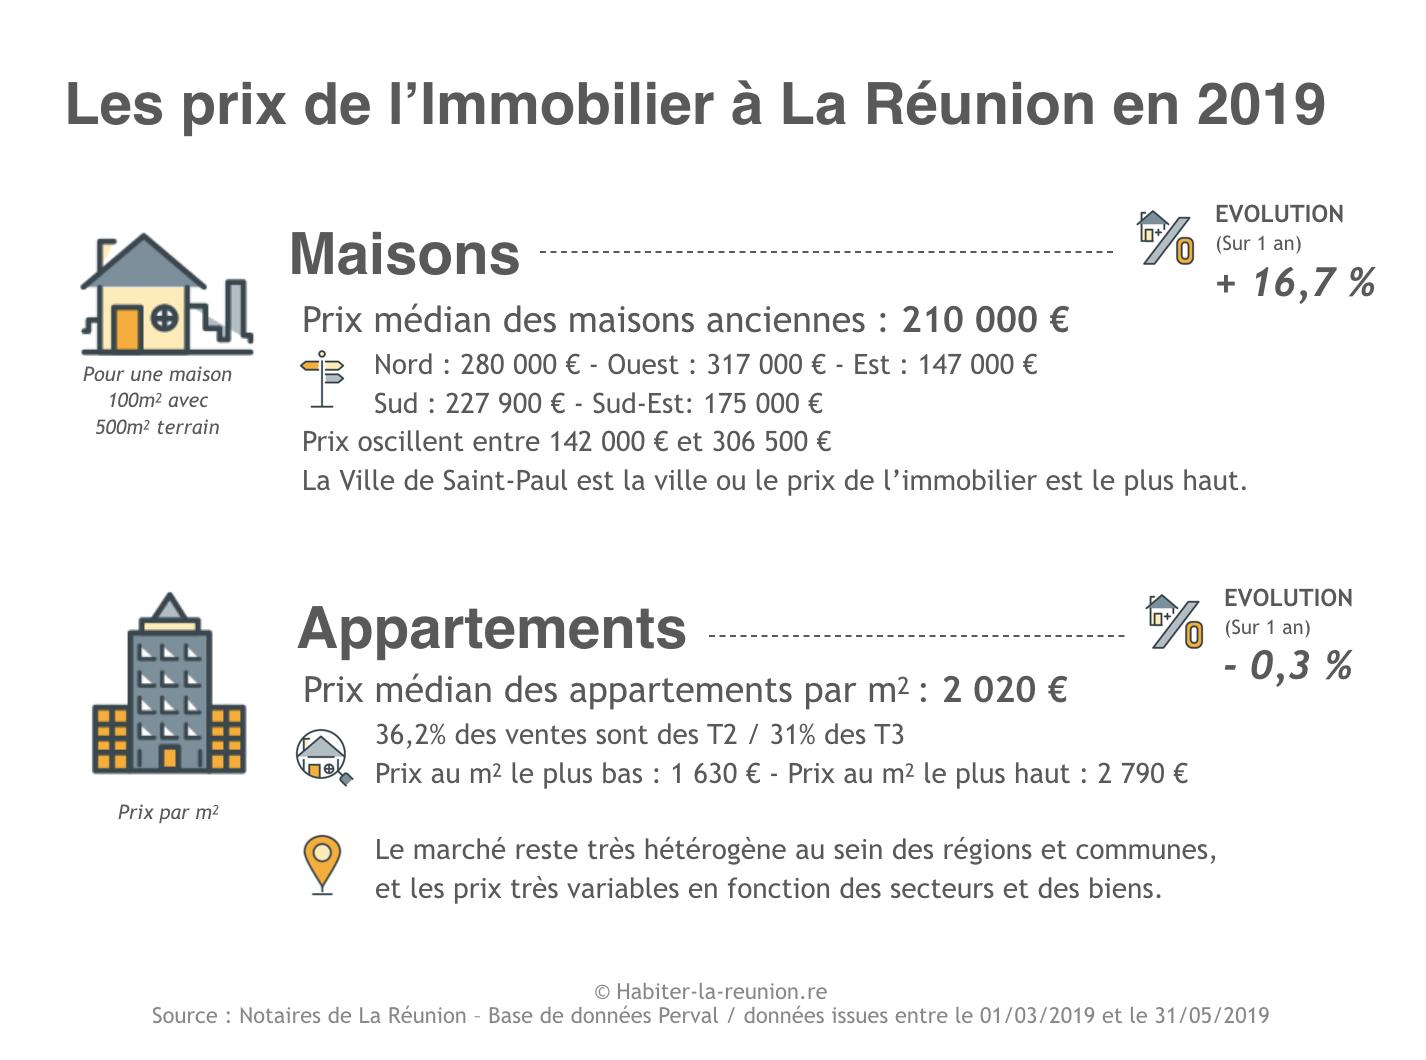 Prix De L Immobilier A La Reunion En 2019 Habiter La Reunion